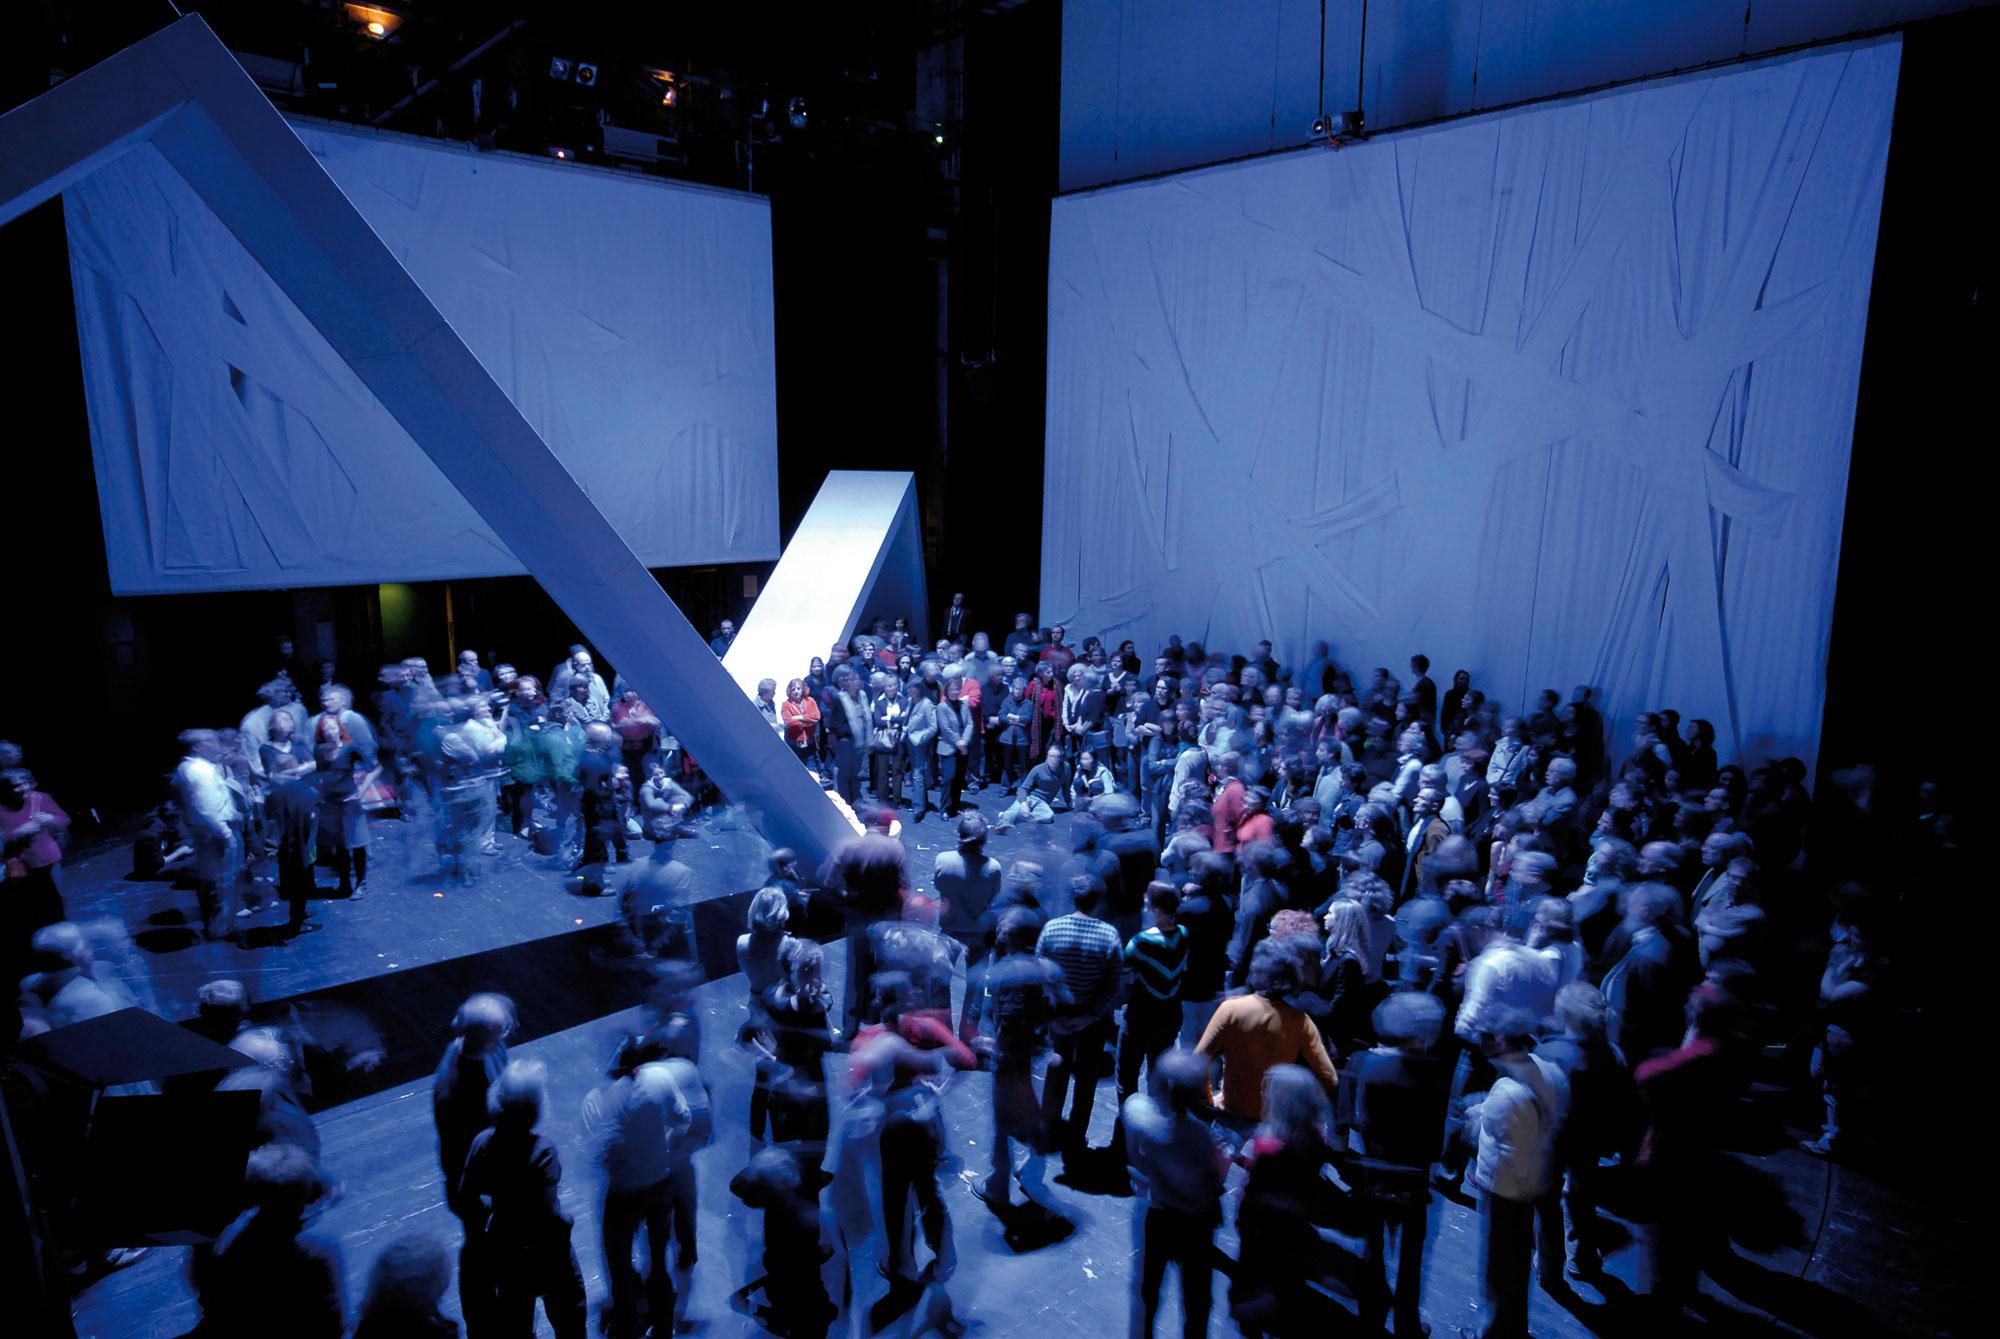 Medea. Stimmen, Christa Wolf, PAN.OPTIKUM, Theater Freiburg, Landesstiftung Baden-Württemberg, Sigrun Fritsch, Ralf Buron